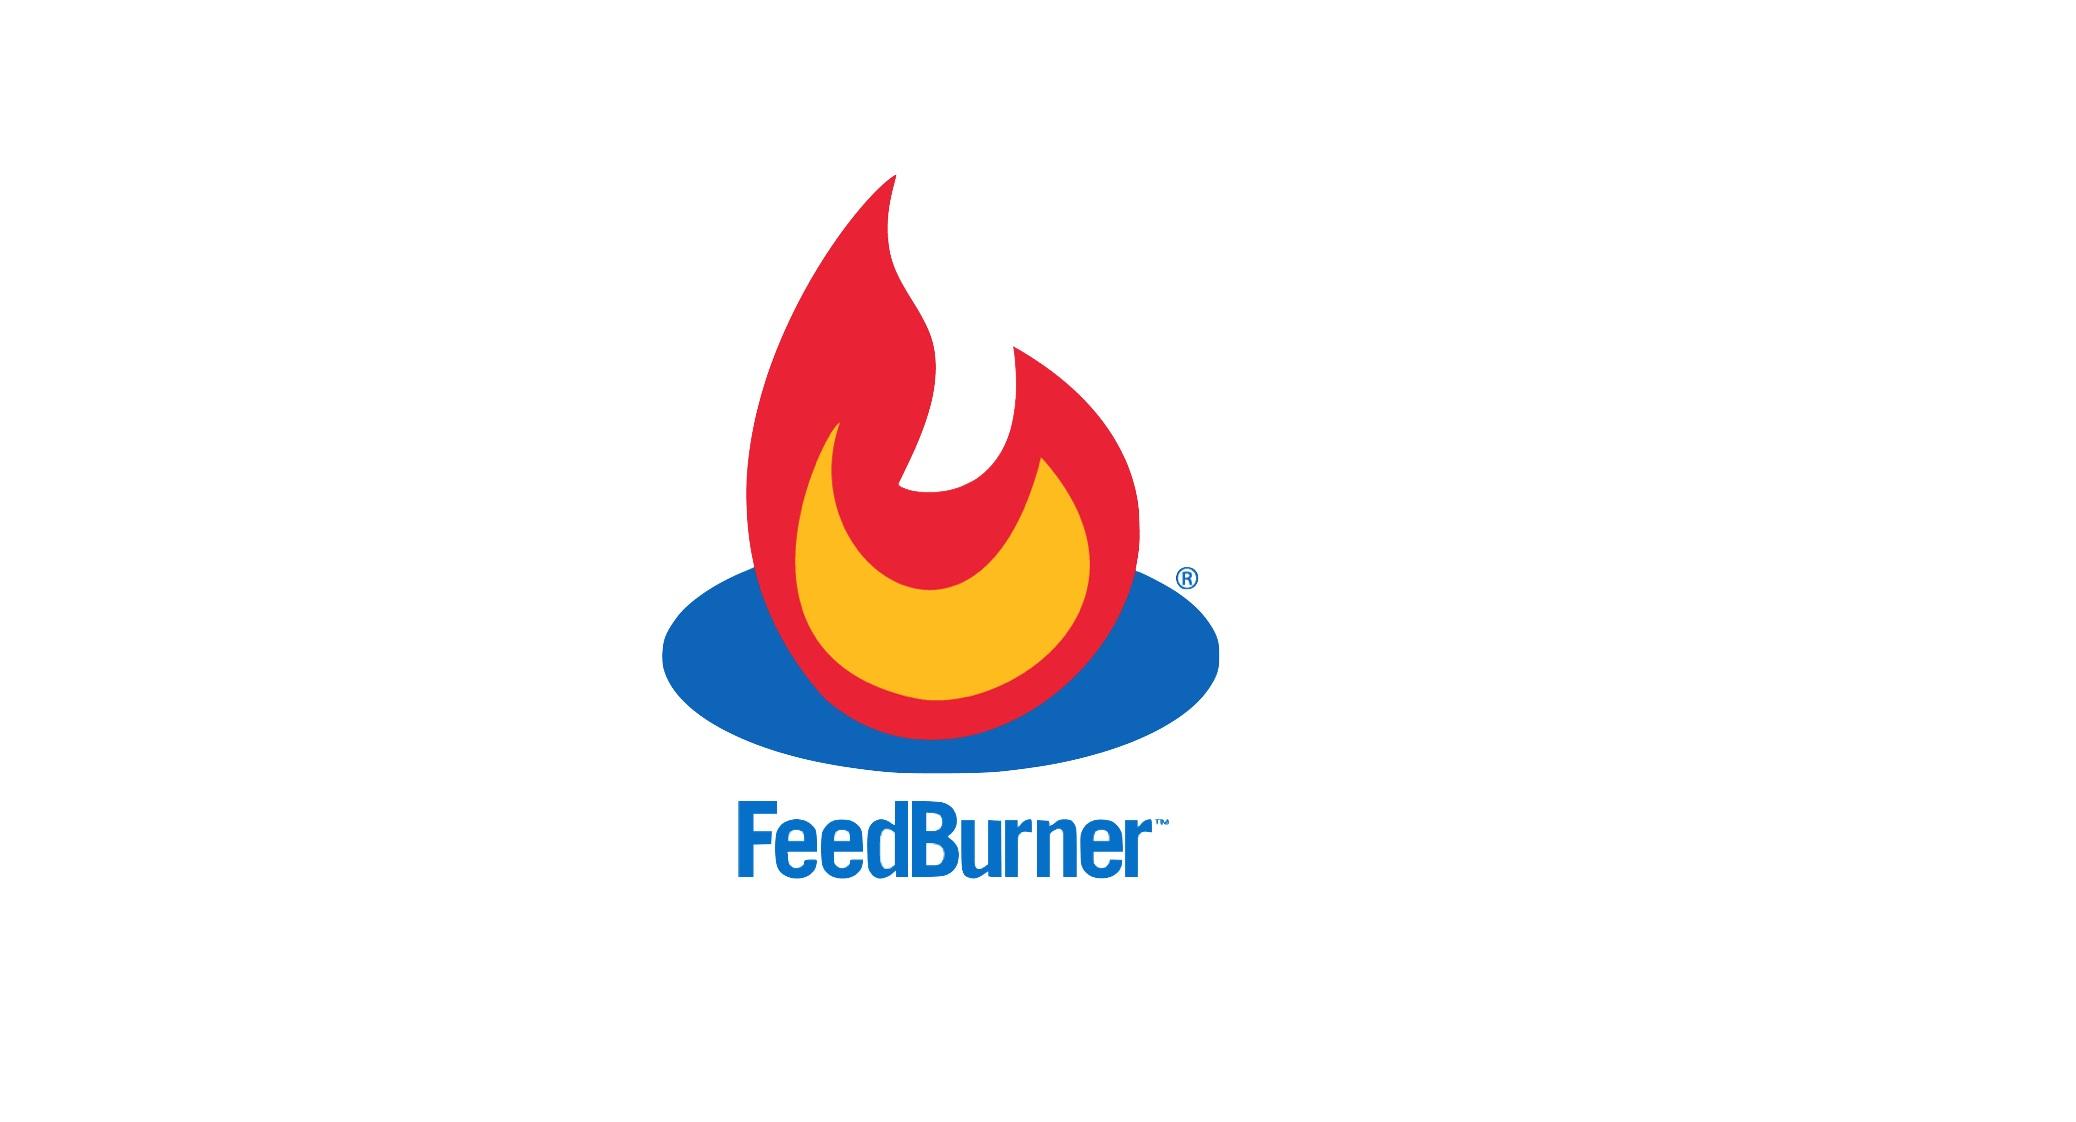 FeedBurner está vivo, mas vai encerrar recurso de newsletter